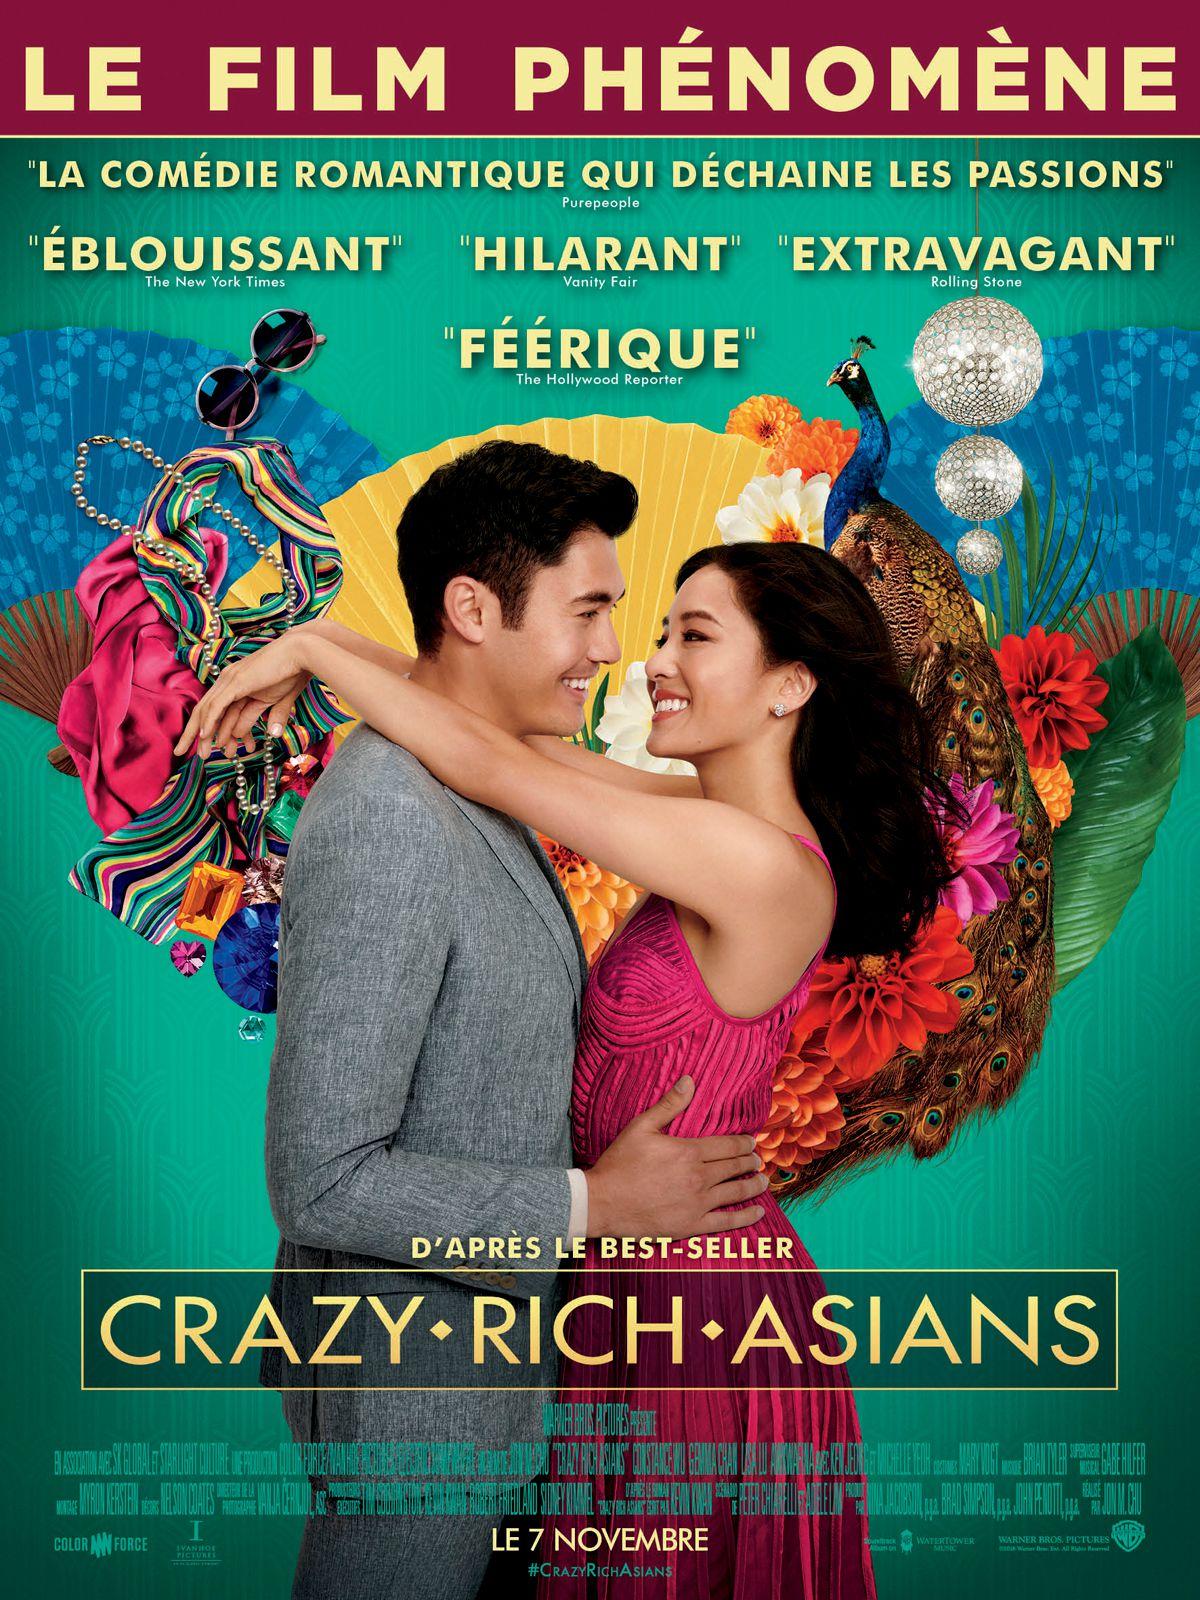 Crazy Rich Asians - Film (2018)